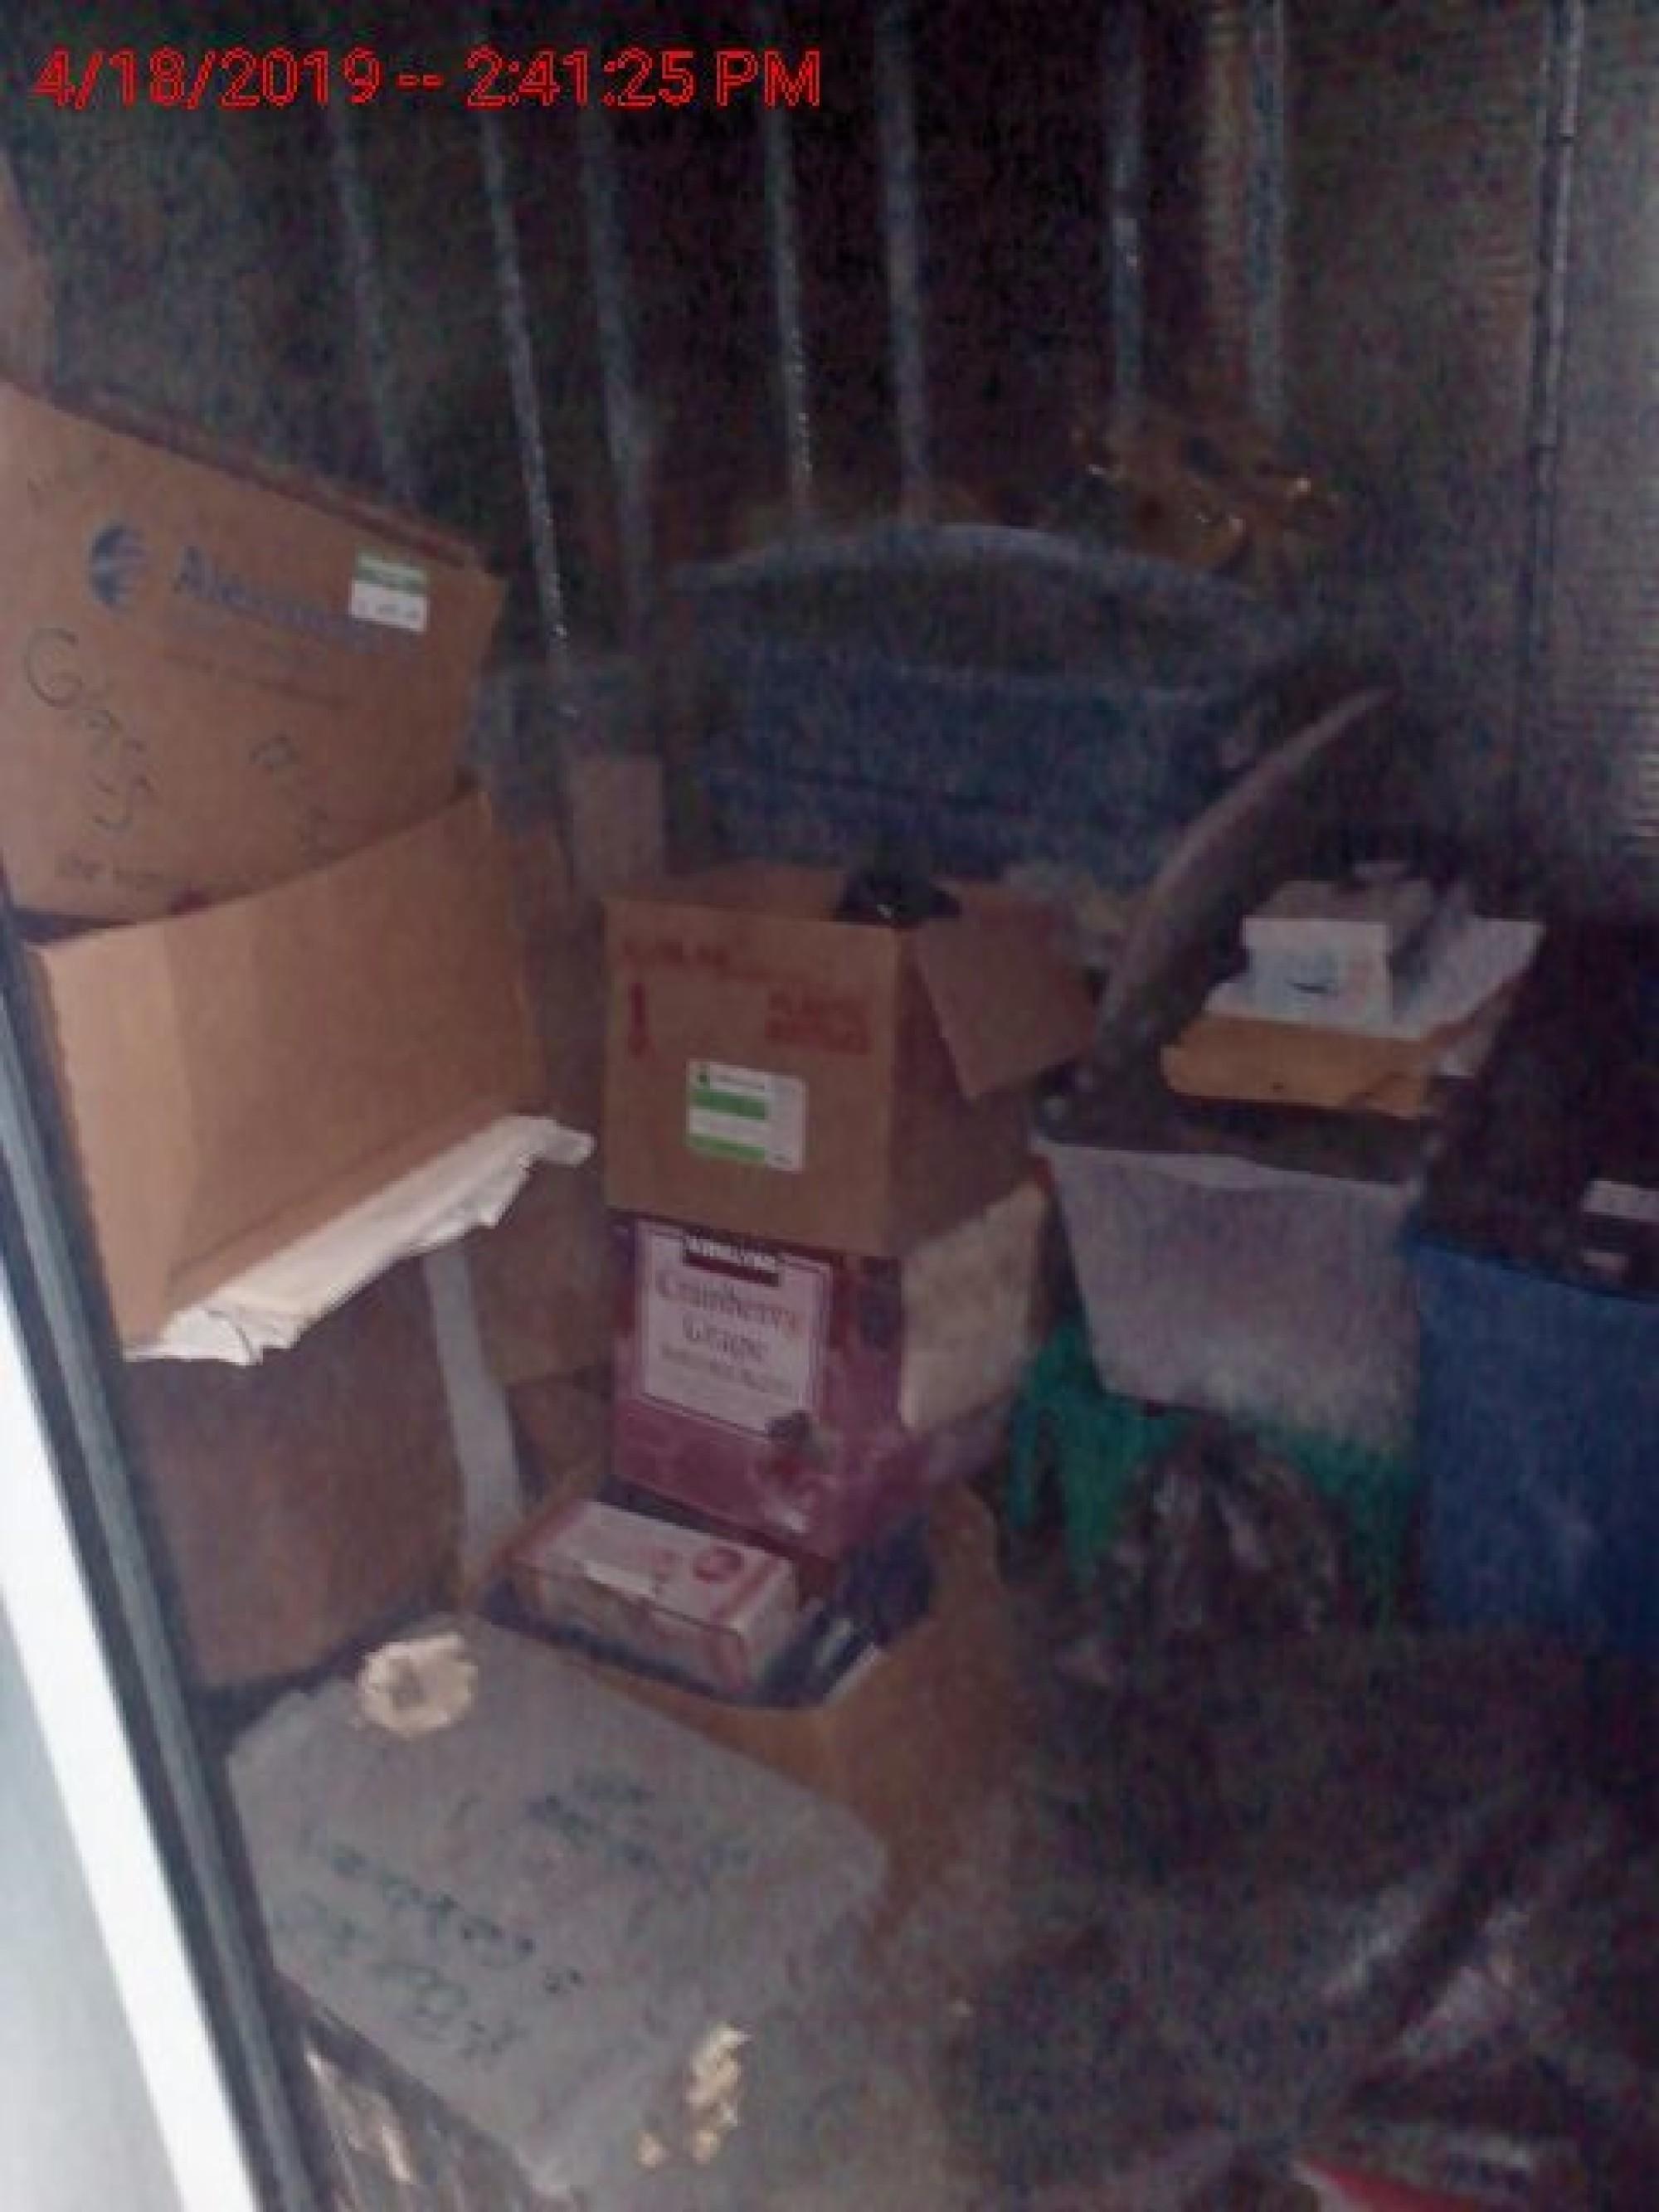 Storage Unit Auction 822249 Pacheco Ca